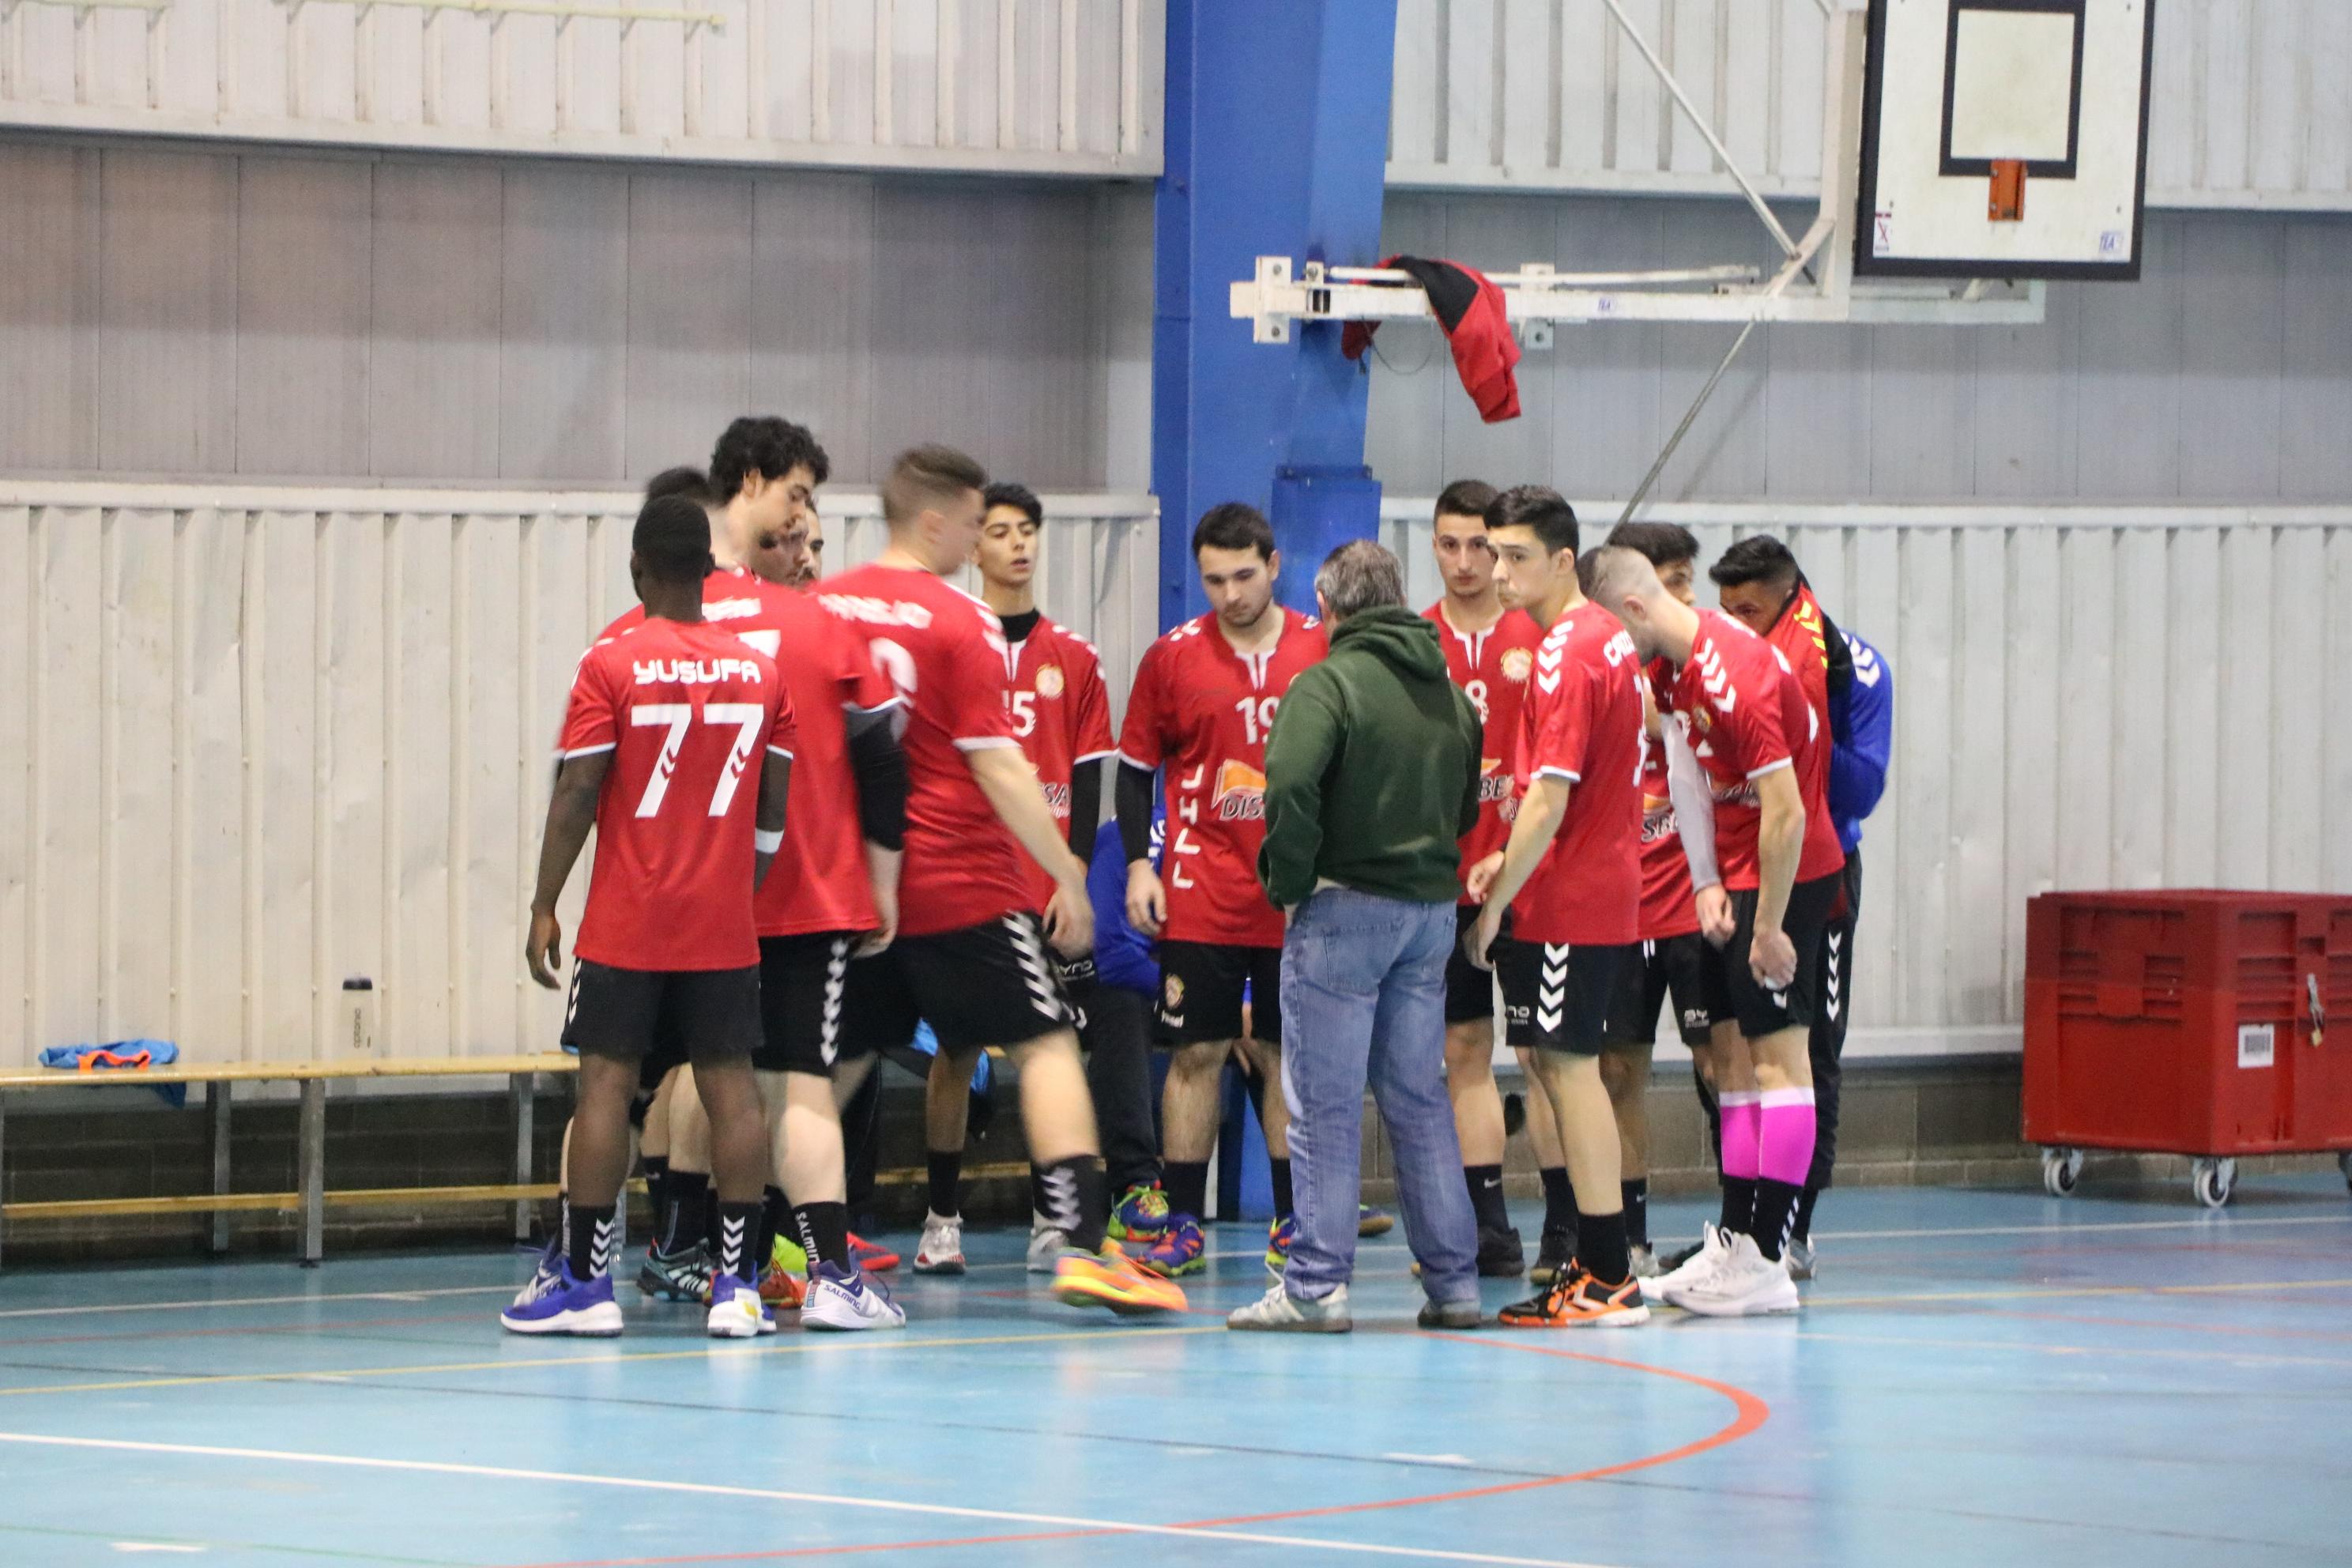 El Joventut Handbol guanya el partit d'anada de la primera ronda de la promoció d'ascens contra el Fornells (28-27)